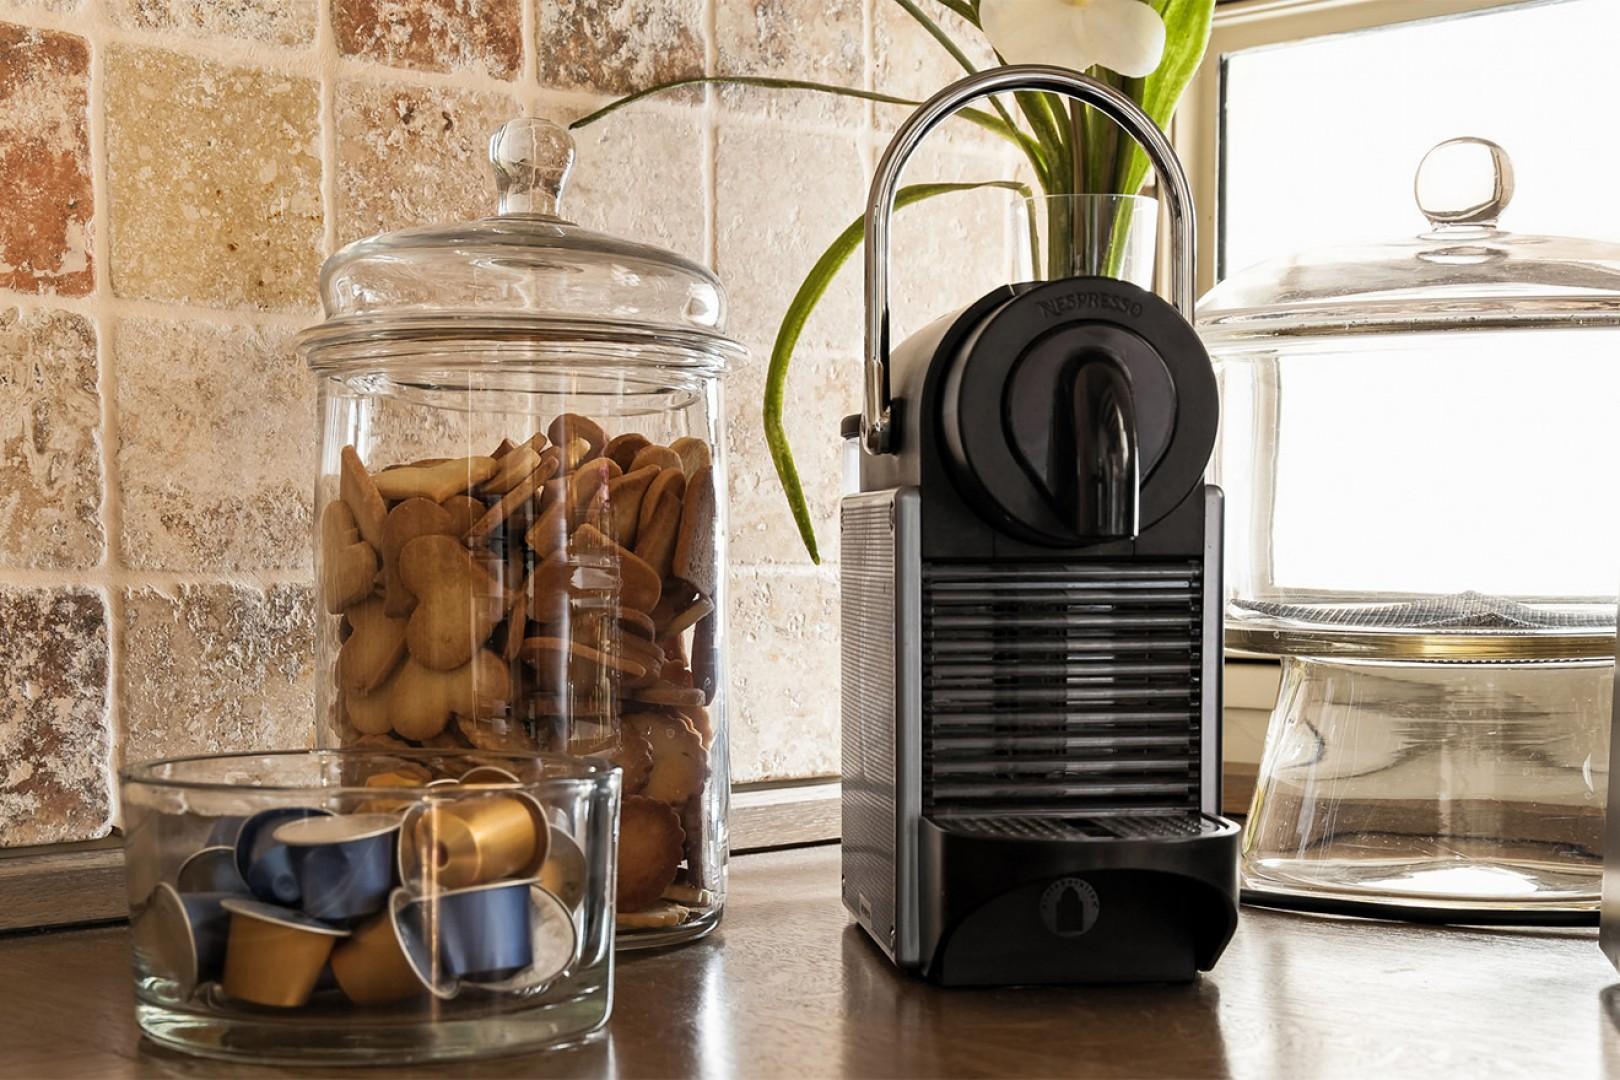 Brew fresh coffee daily with your Nespresso machine.